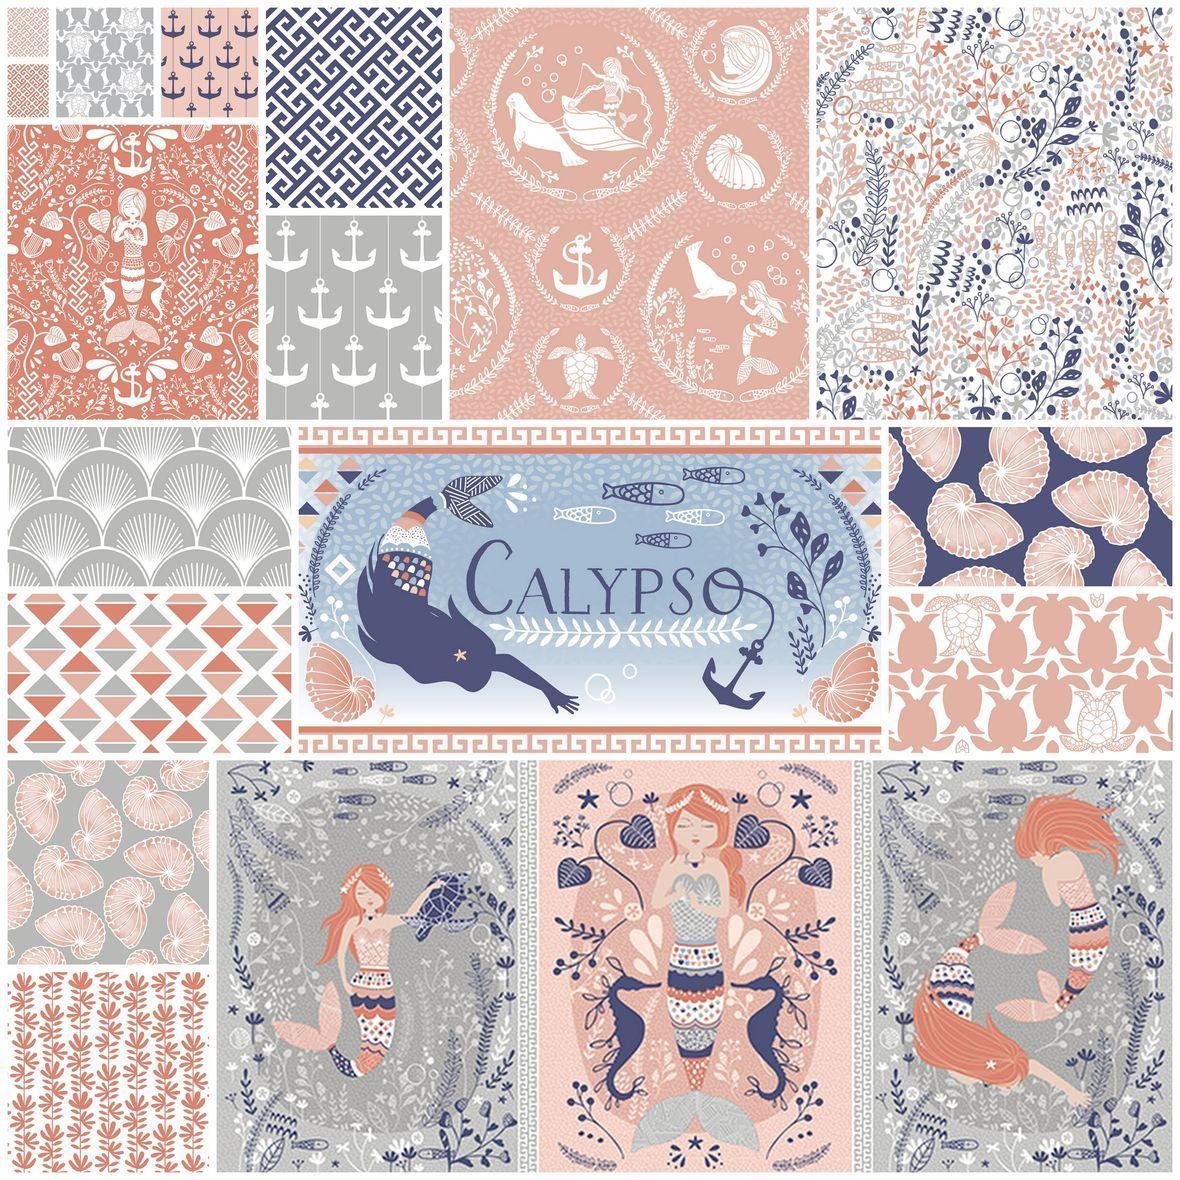 Calypso Palette in Aegean